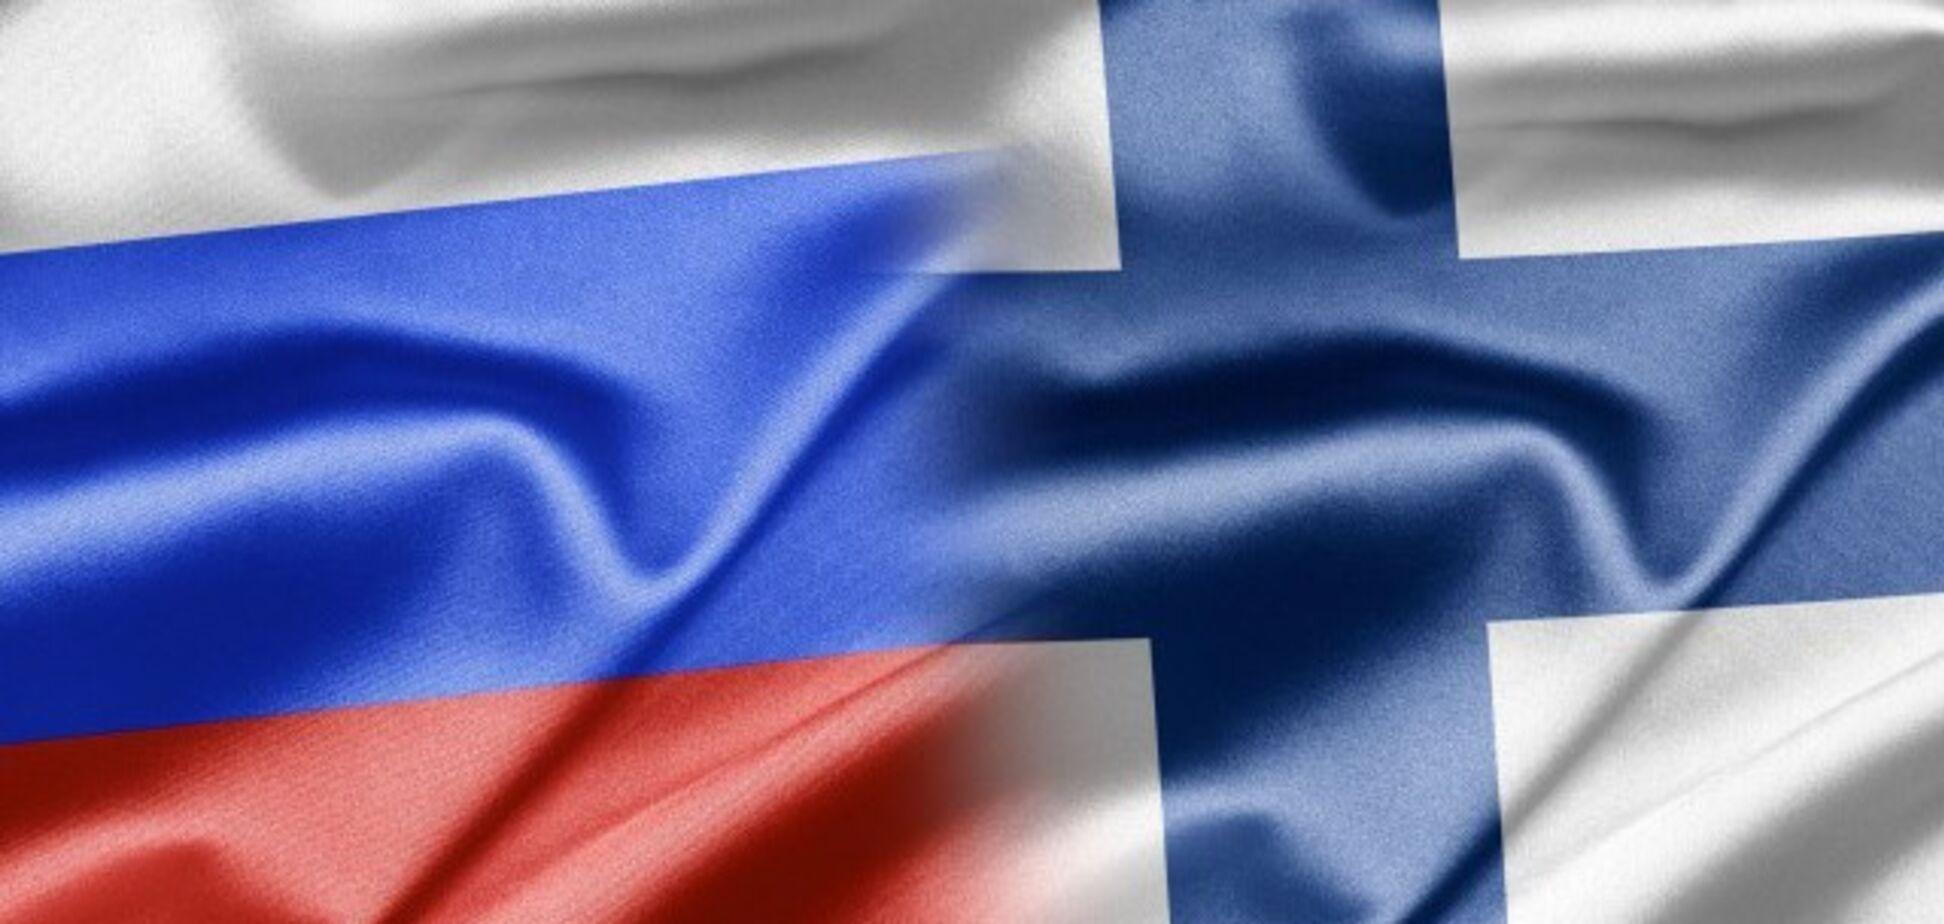 У претензіях країни ЄС на частину Росії знайшли реальну загрозу